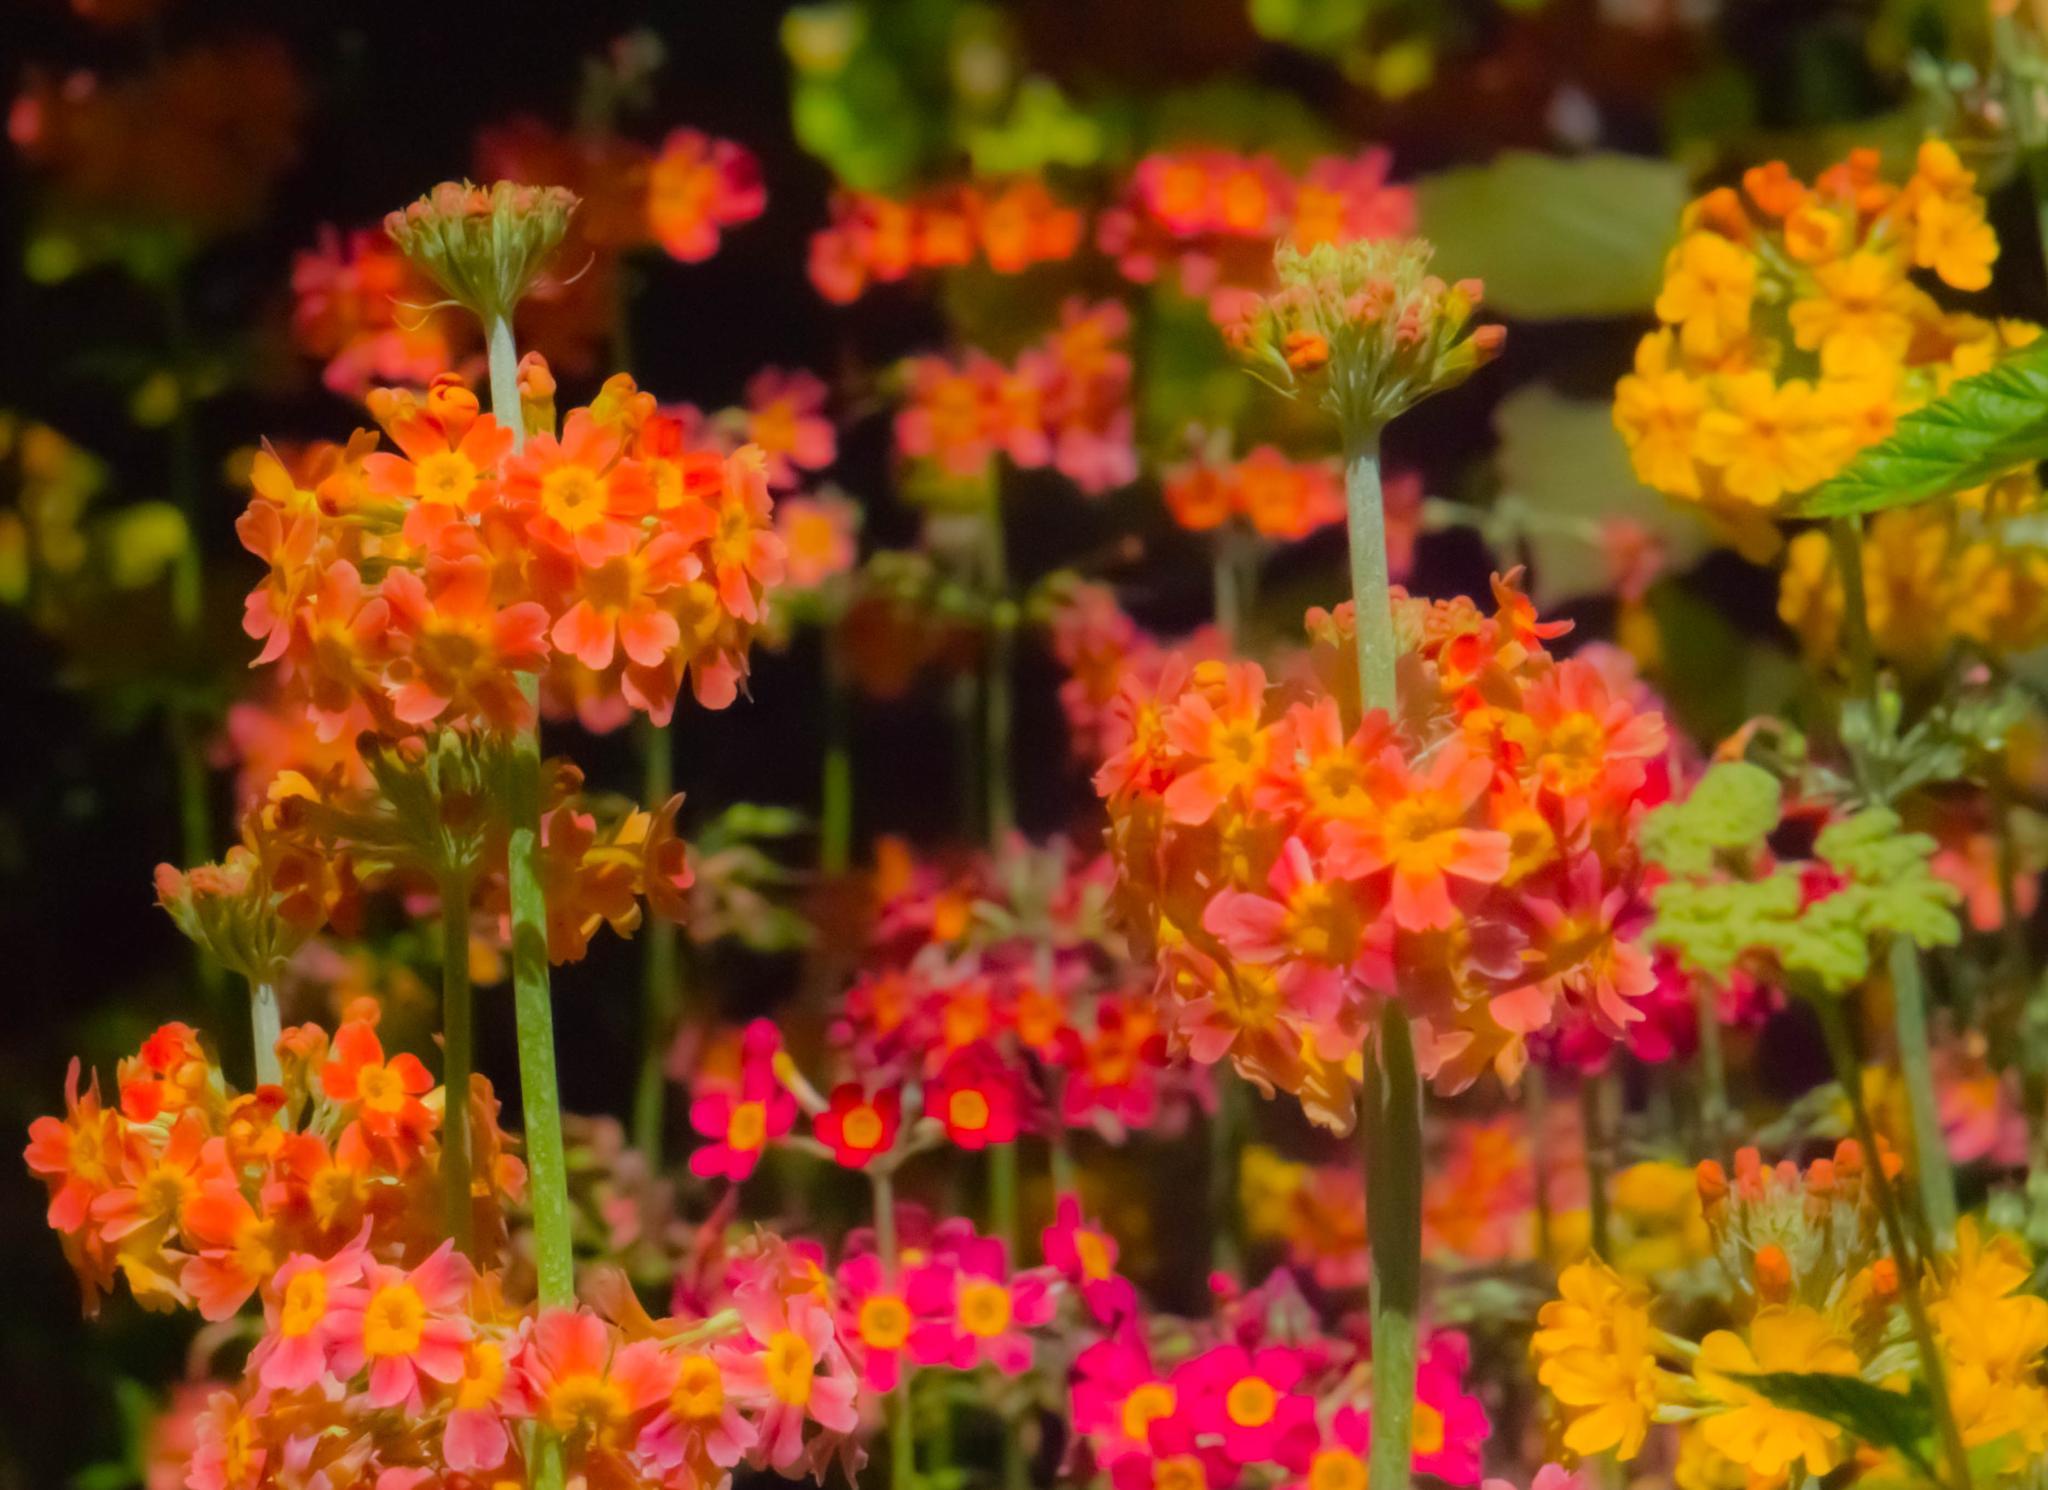 Summer colour by leigh.hudson.779